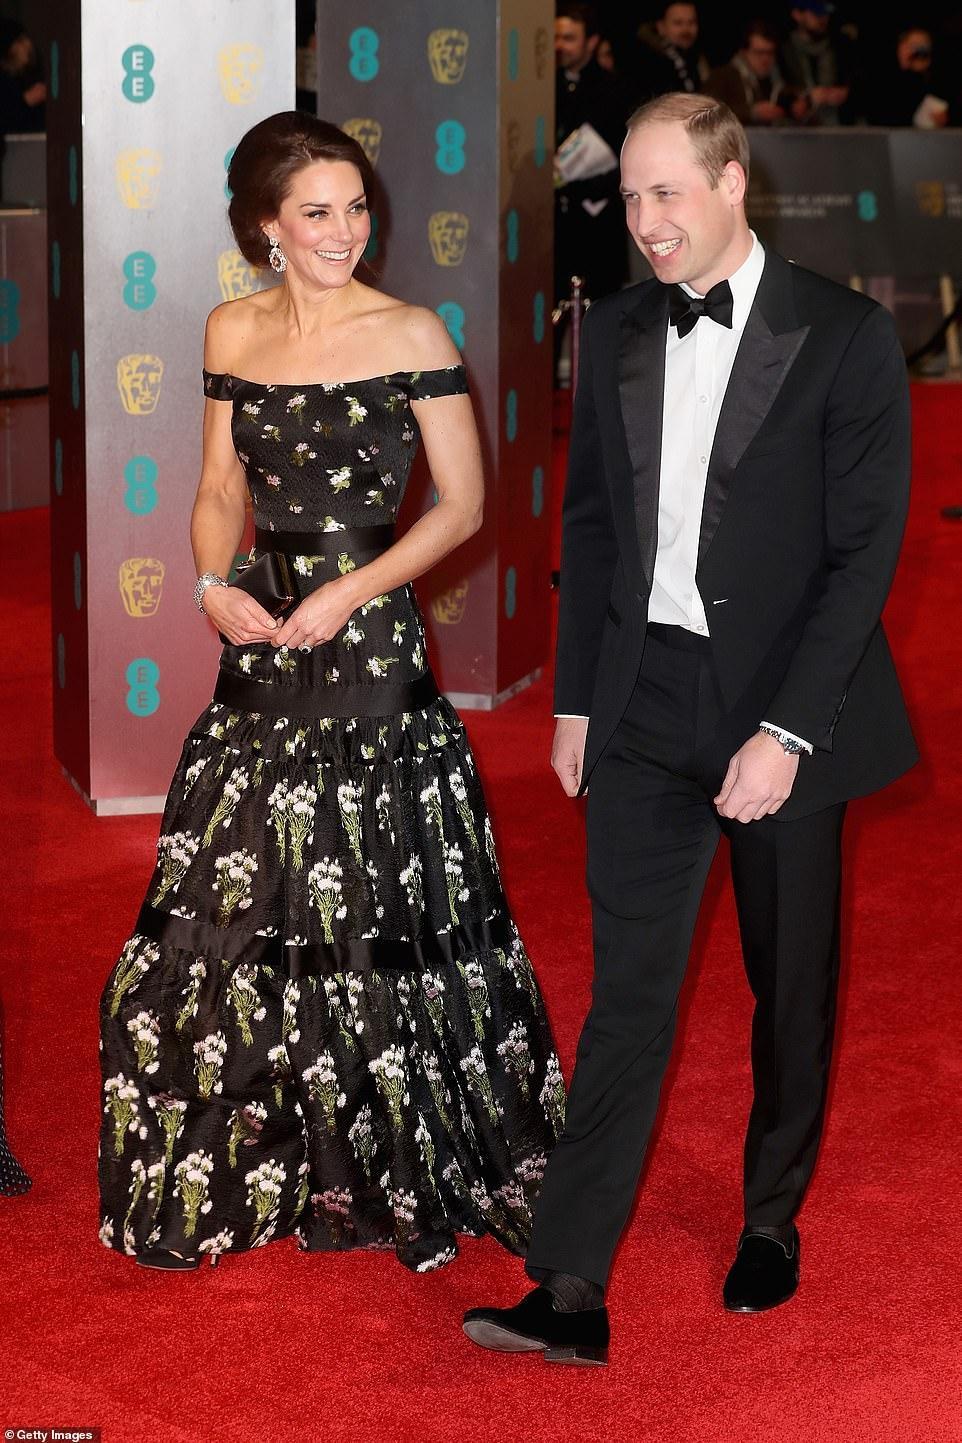 Công nương Kate Middleton đẹp hút mắt, thả dáng thon với đầm thướt tha Ảnh 2